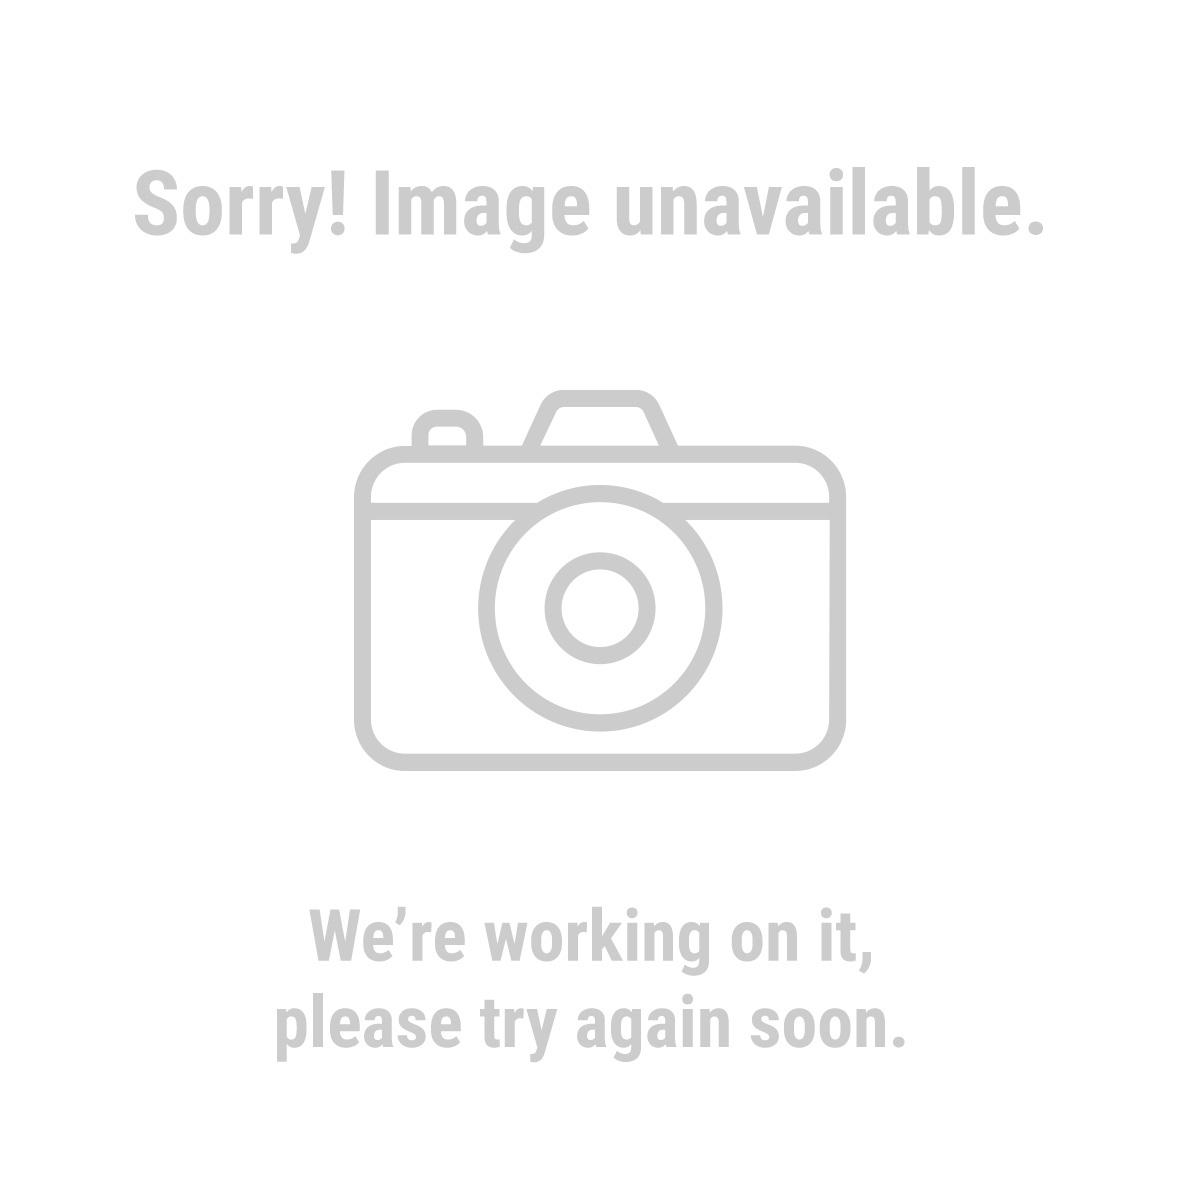 HFT 60272 100 Ft. x 12 Gauge Outdoor Extension Cord